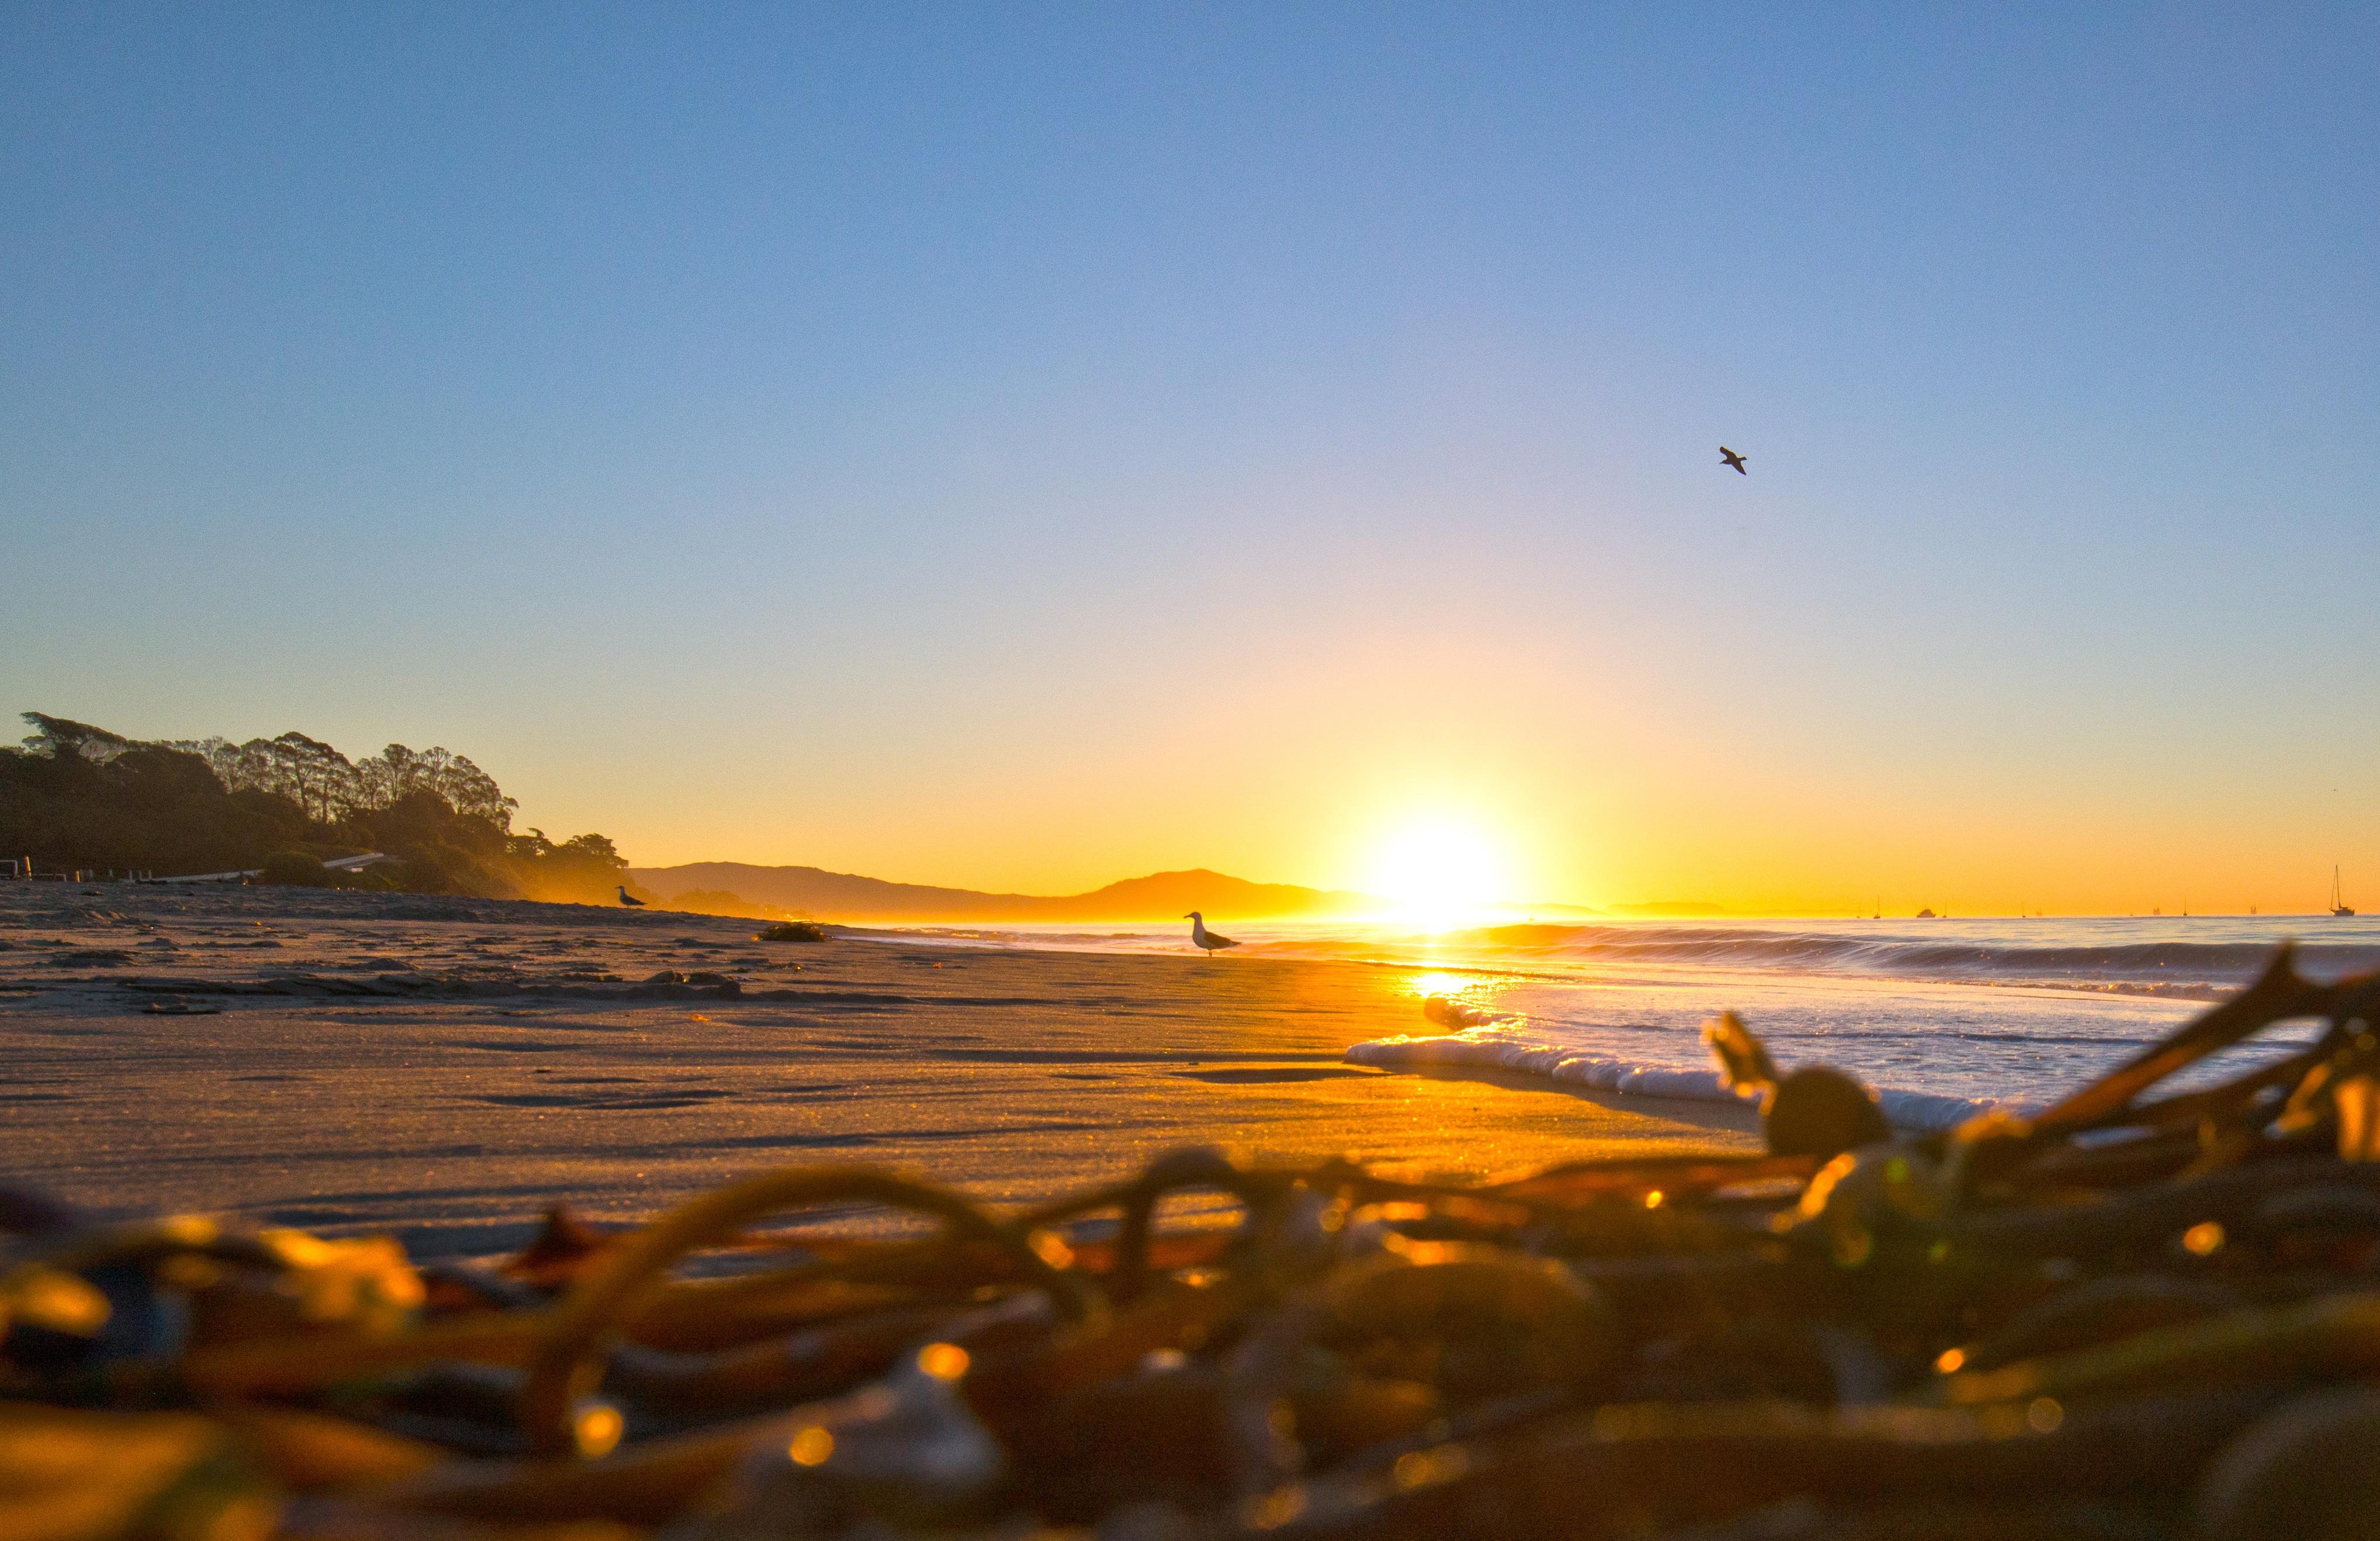 Море и солнце картинки фото